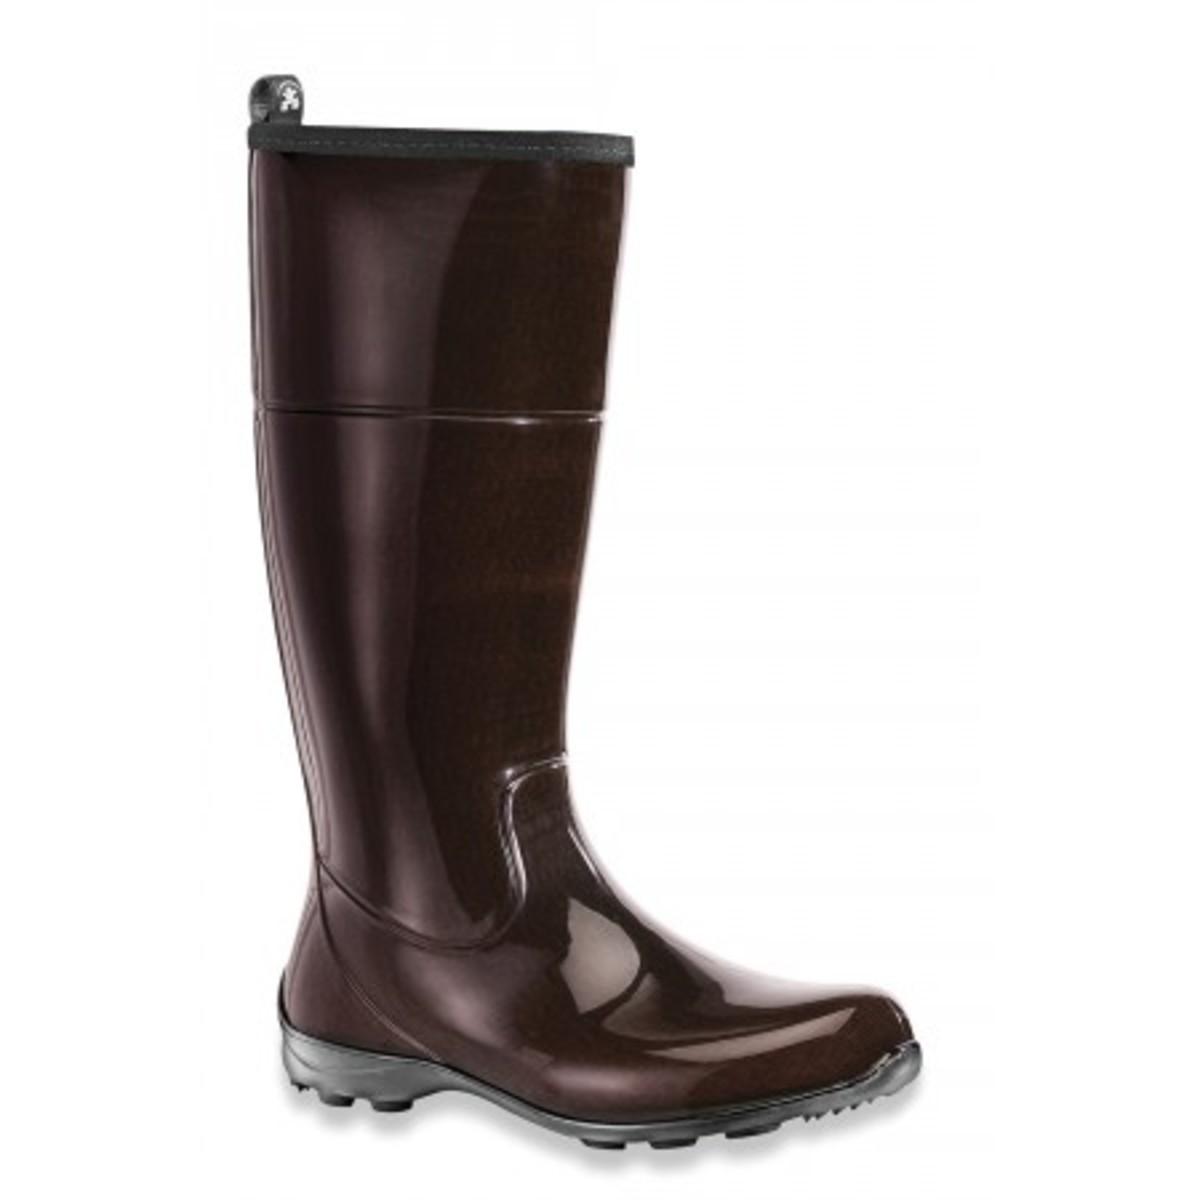 Chic Rainboots